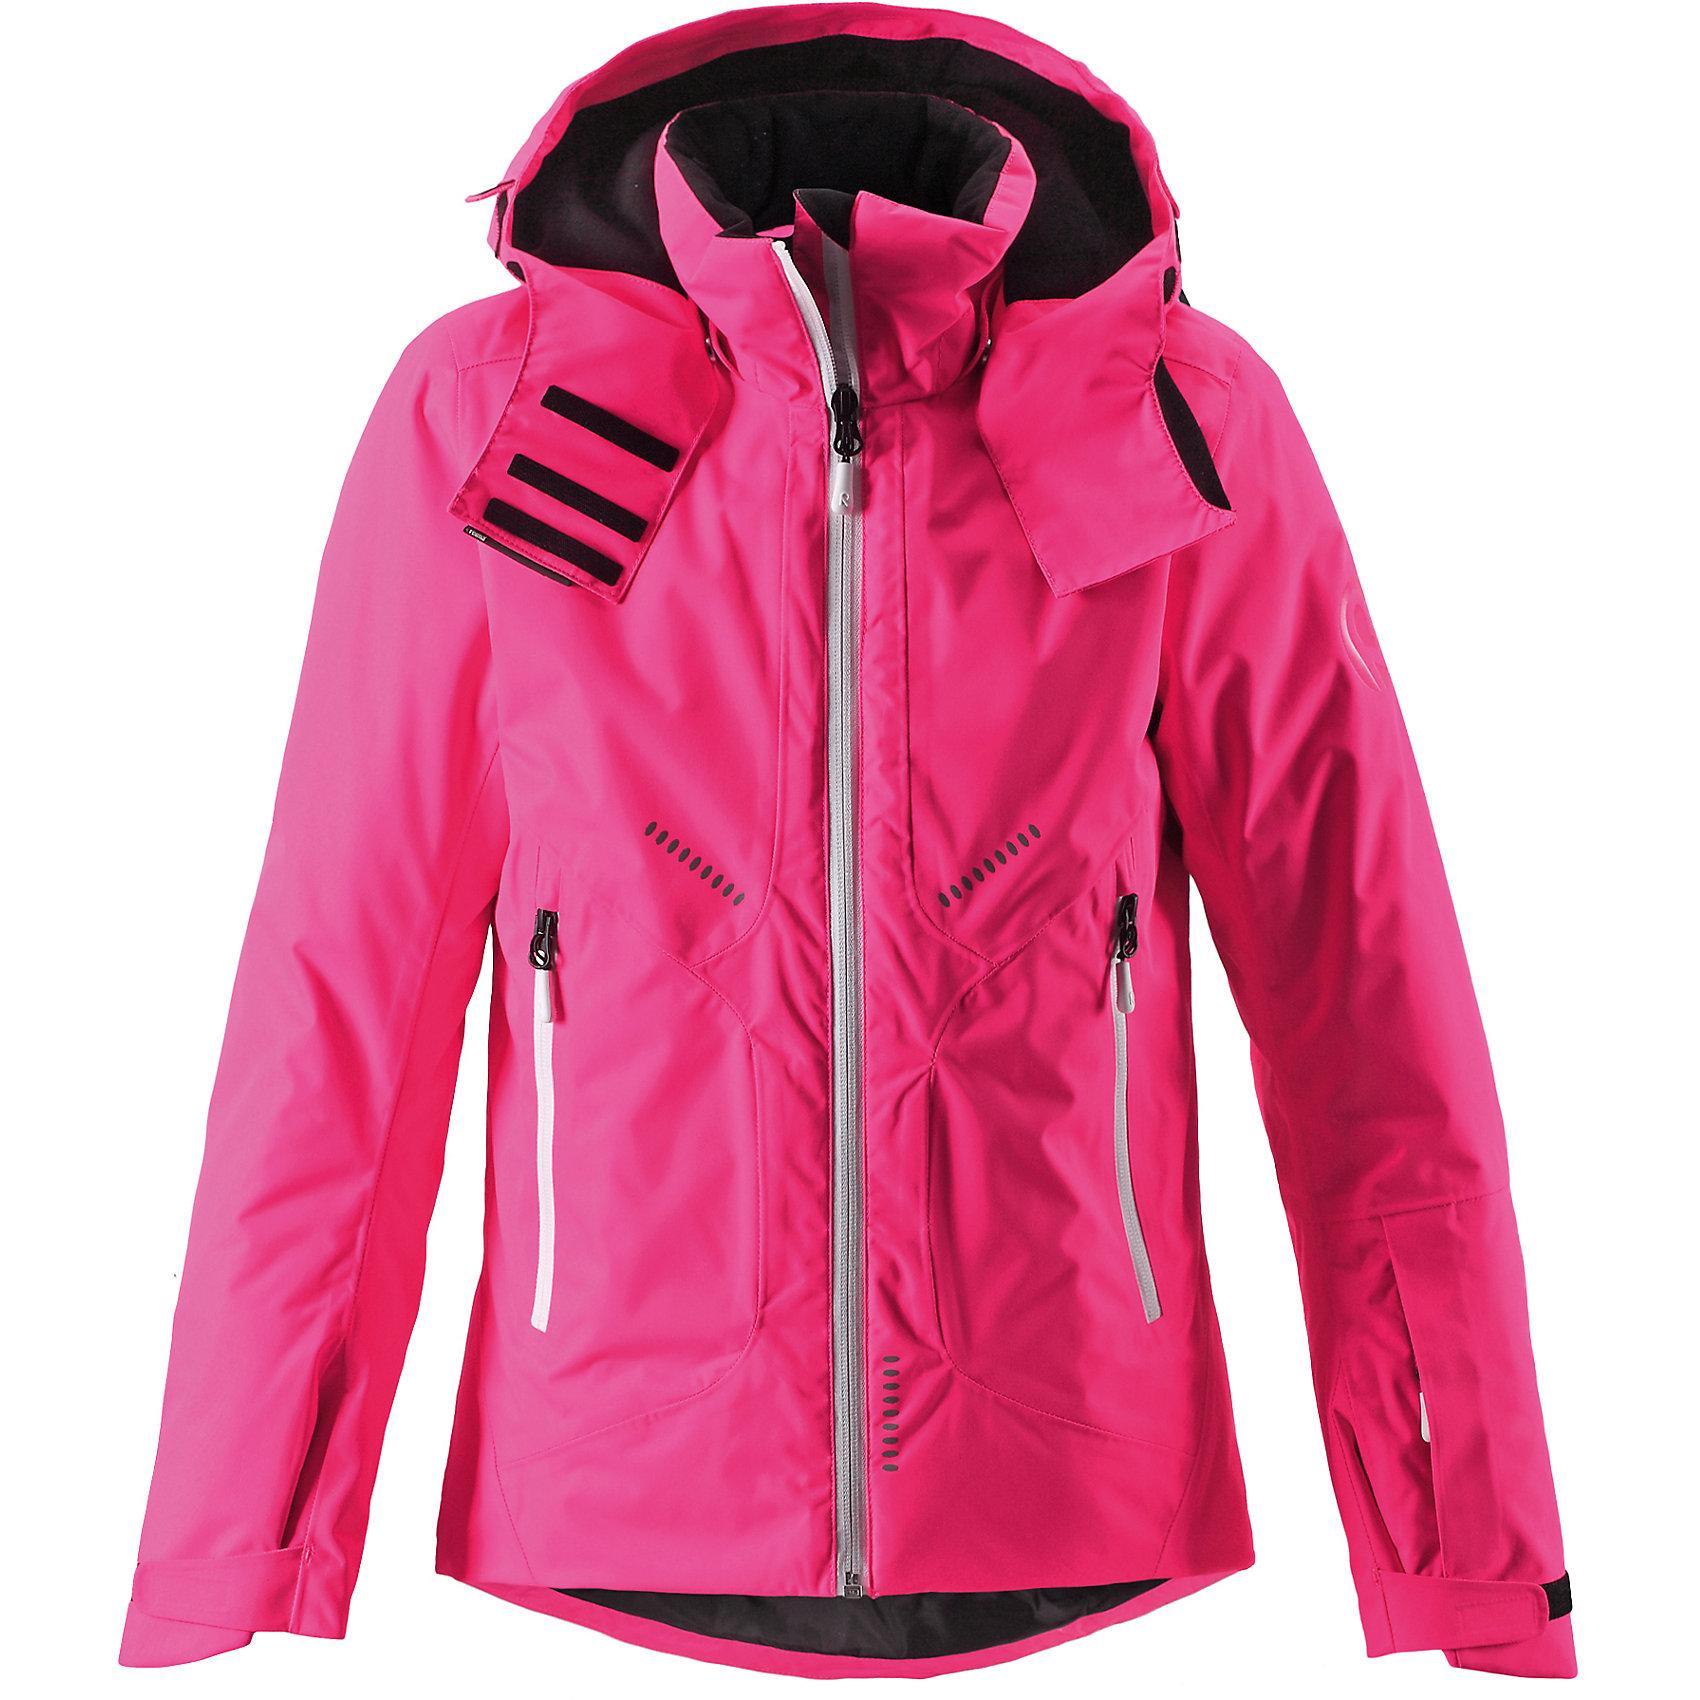 Куртка Reimatec® ReimaКуртка Reimatec® Reima (Рейма), розовый от известного финского производителя теплой детской одежды Reima. Выполнена из полиэстера высокого качества с полиуретановым покрытием. Материал обладает воздухопроницаемыми, грязе и водоотталкивающими свойствами. Состав ткани защищает от потери цвета и формы даже при длительном использовании. Куртка имеет приталенный силуэт с удлиненной спинкой. У изделия – регулируемый капюшон, воротник-стойка, застежка-молния с защитой у подбородка, на рукавах предусмотрена регулировка по ширине за счет застежек на липучке. По бокам изделия имеются прорезные карманы на молнии. Все швы куртки проклеенные, имеется внутренняя застежка, что обеспечивает дополнительную защиту от холода и ветра. Изделие имеет среднюю степень утепления, его  можно носить до -20 градусов мороза.<br><br>Дополнительная информация:<br><br>- Предназначение: повседневная одежда, для прогулок<br>- Цвет: розовый<br>- Пол: для девочки<br>- Состав: 100% полиэстер<br>- Сезон: зима<br>- Особенности ухода: машинная стирка при температуре от 30 градусов, запрещается использовать отбеливающие средства<br><br>Подробнее:<br><br>• Для детей в возрасте: от 9 лет и до 10 лет<br>• Страна производитель: Китай<br>• Торговый бренд: Reima, Финляндия<br><br>Куртку Reimatec® Reima (Рейма), розовый можно купить в нашем интернет-магазине.<br><br>Ширина мм: 356<br>Глубина мм: 10<br>Высота мм: 245<br>Вес г: 519<br>Цвет: розовый<br>Возраст от месяцев: 132<br>Возраст до месяцев: 144<br>Пол: Женский<br>Возраст: Детский<br>Размер: 152,140,164,146,158,134<br>SKU: 4869720